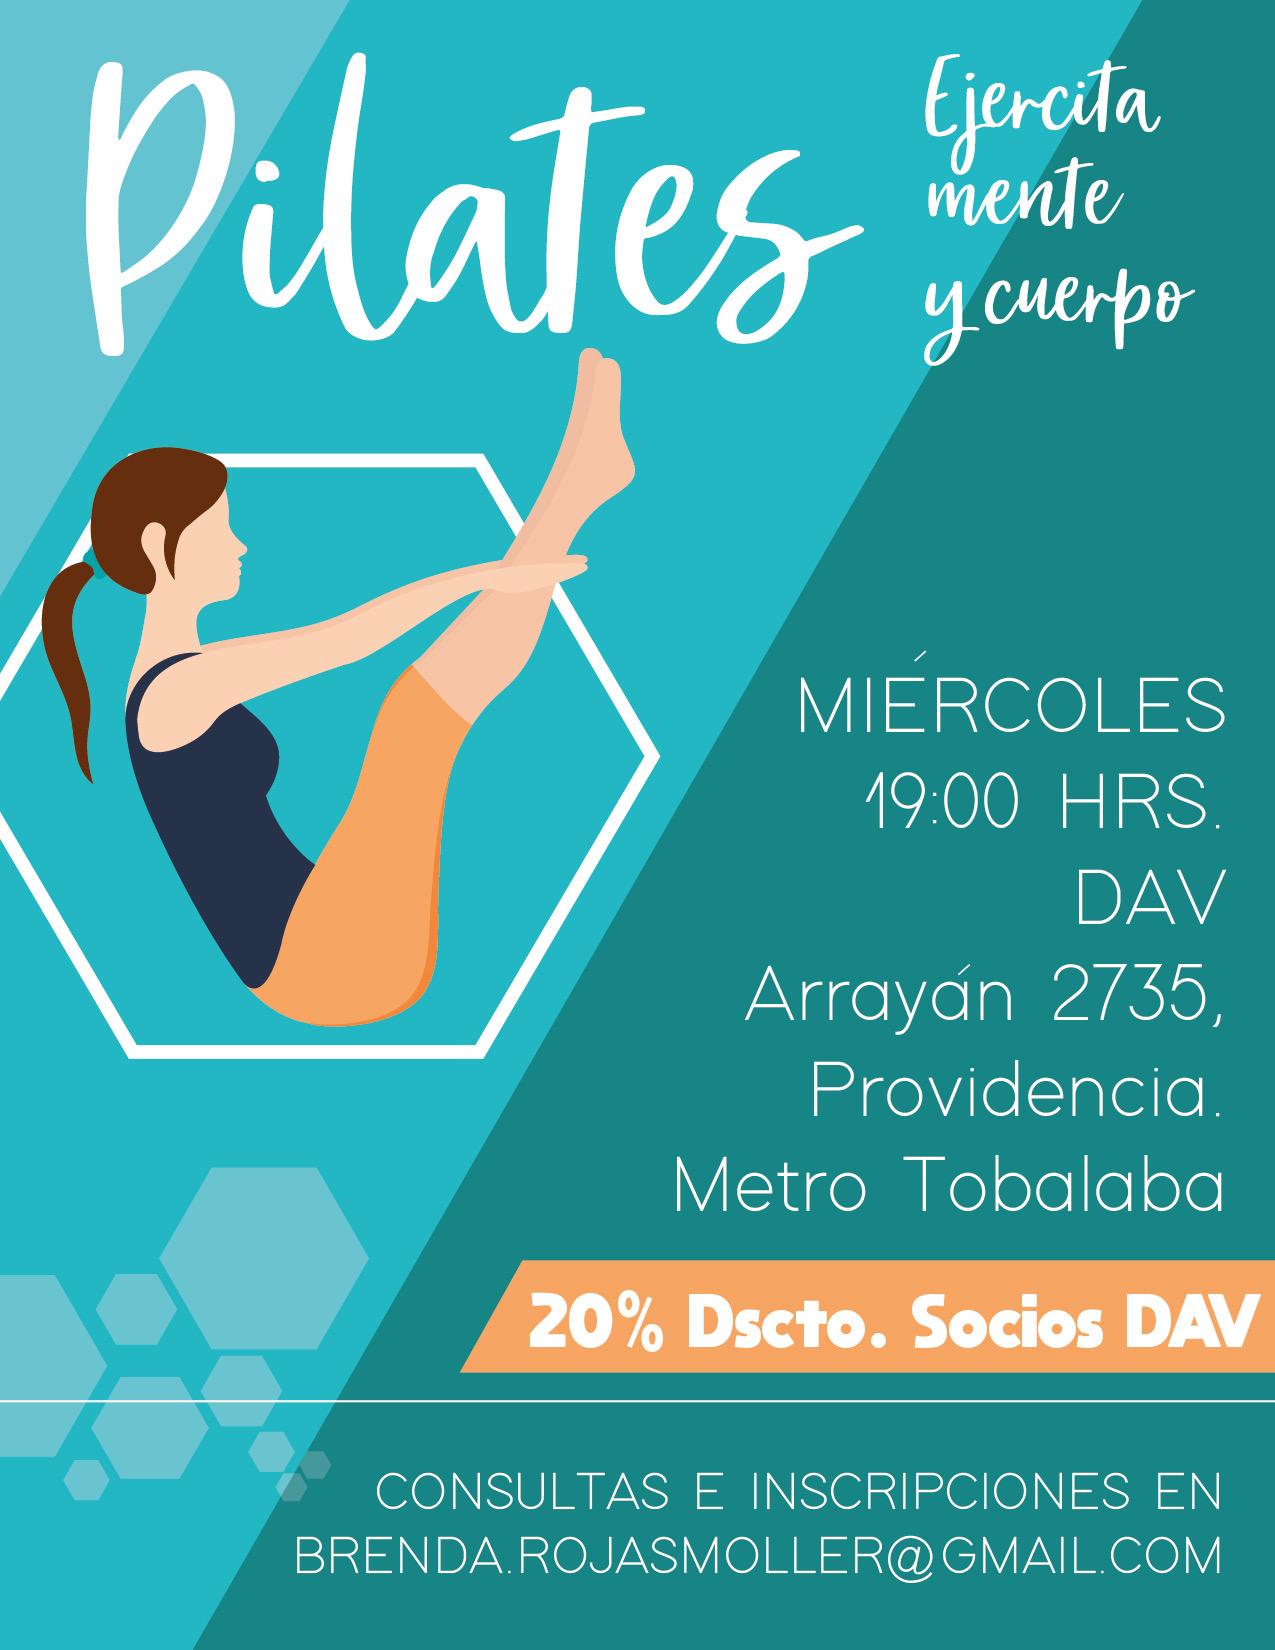 Clases de Pilates , todos los miércoles a las 19:00